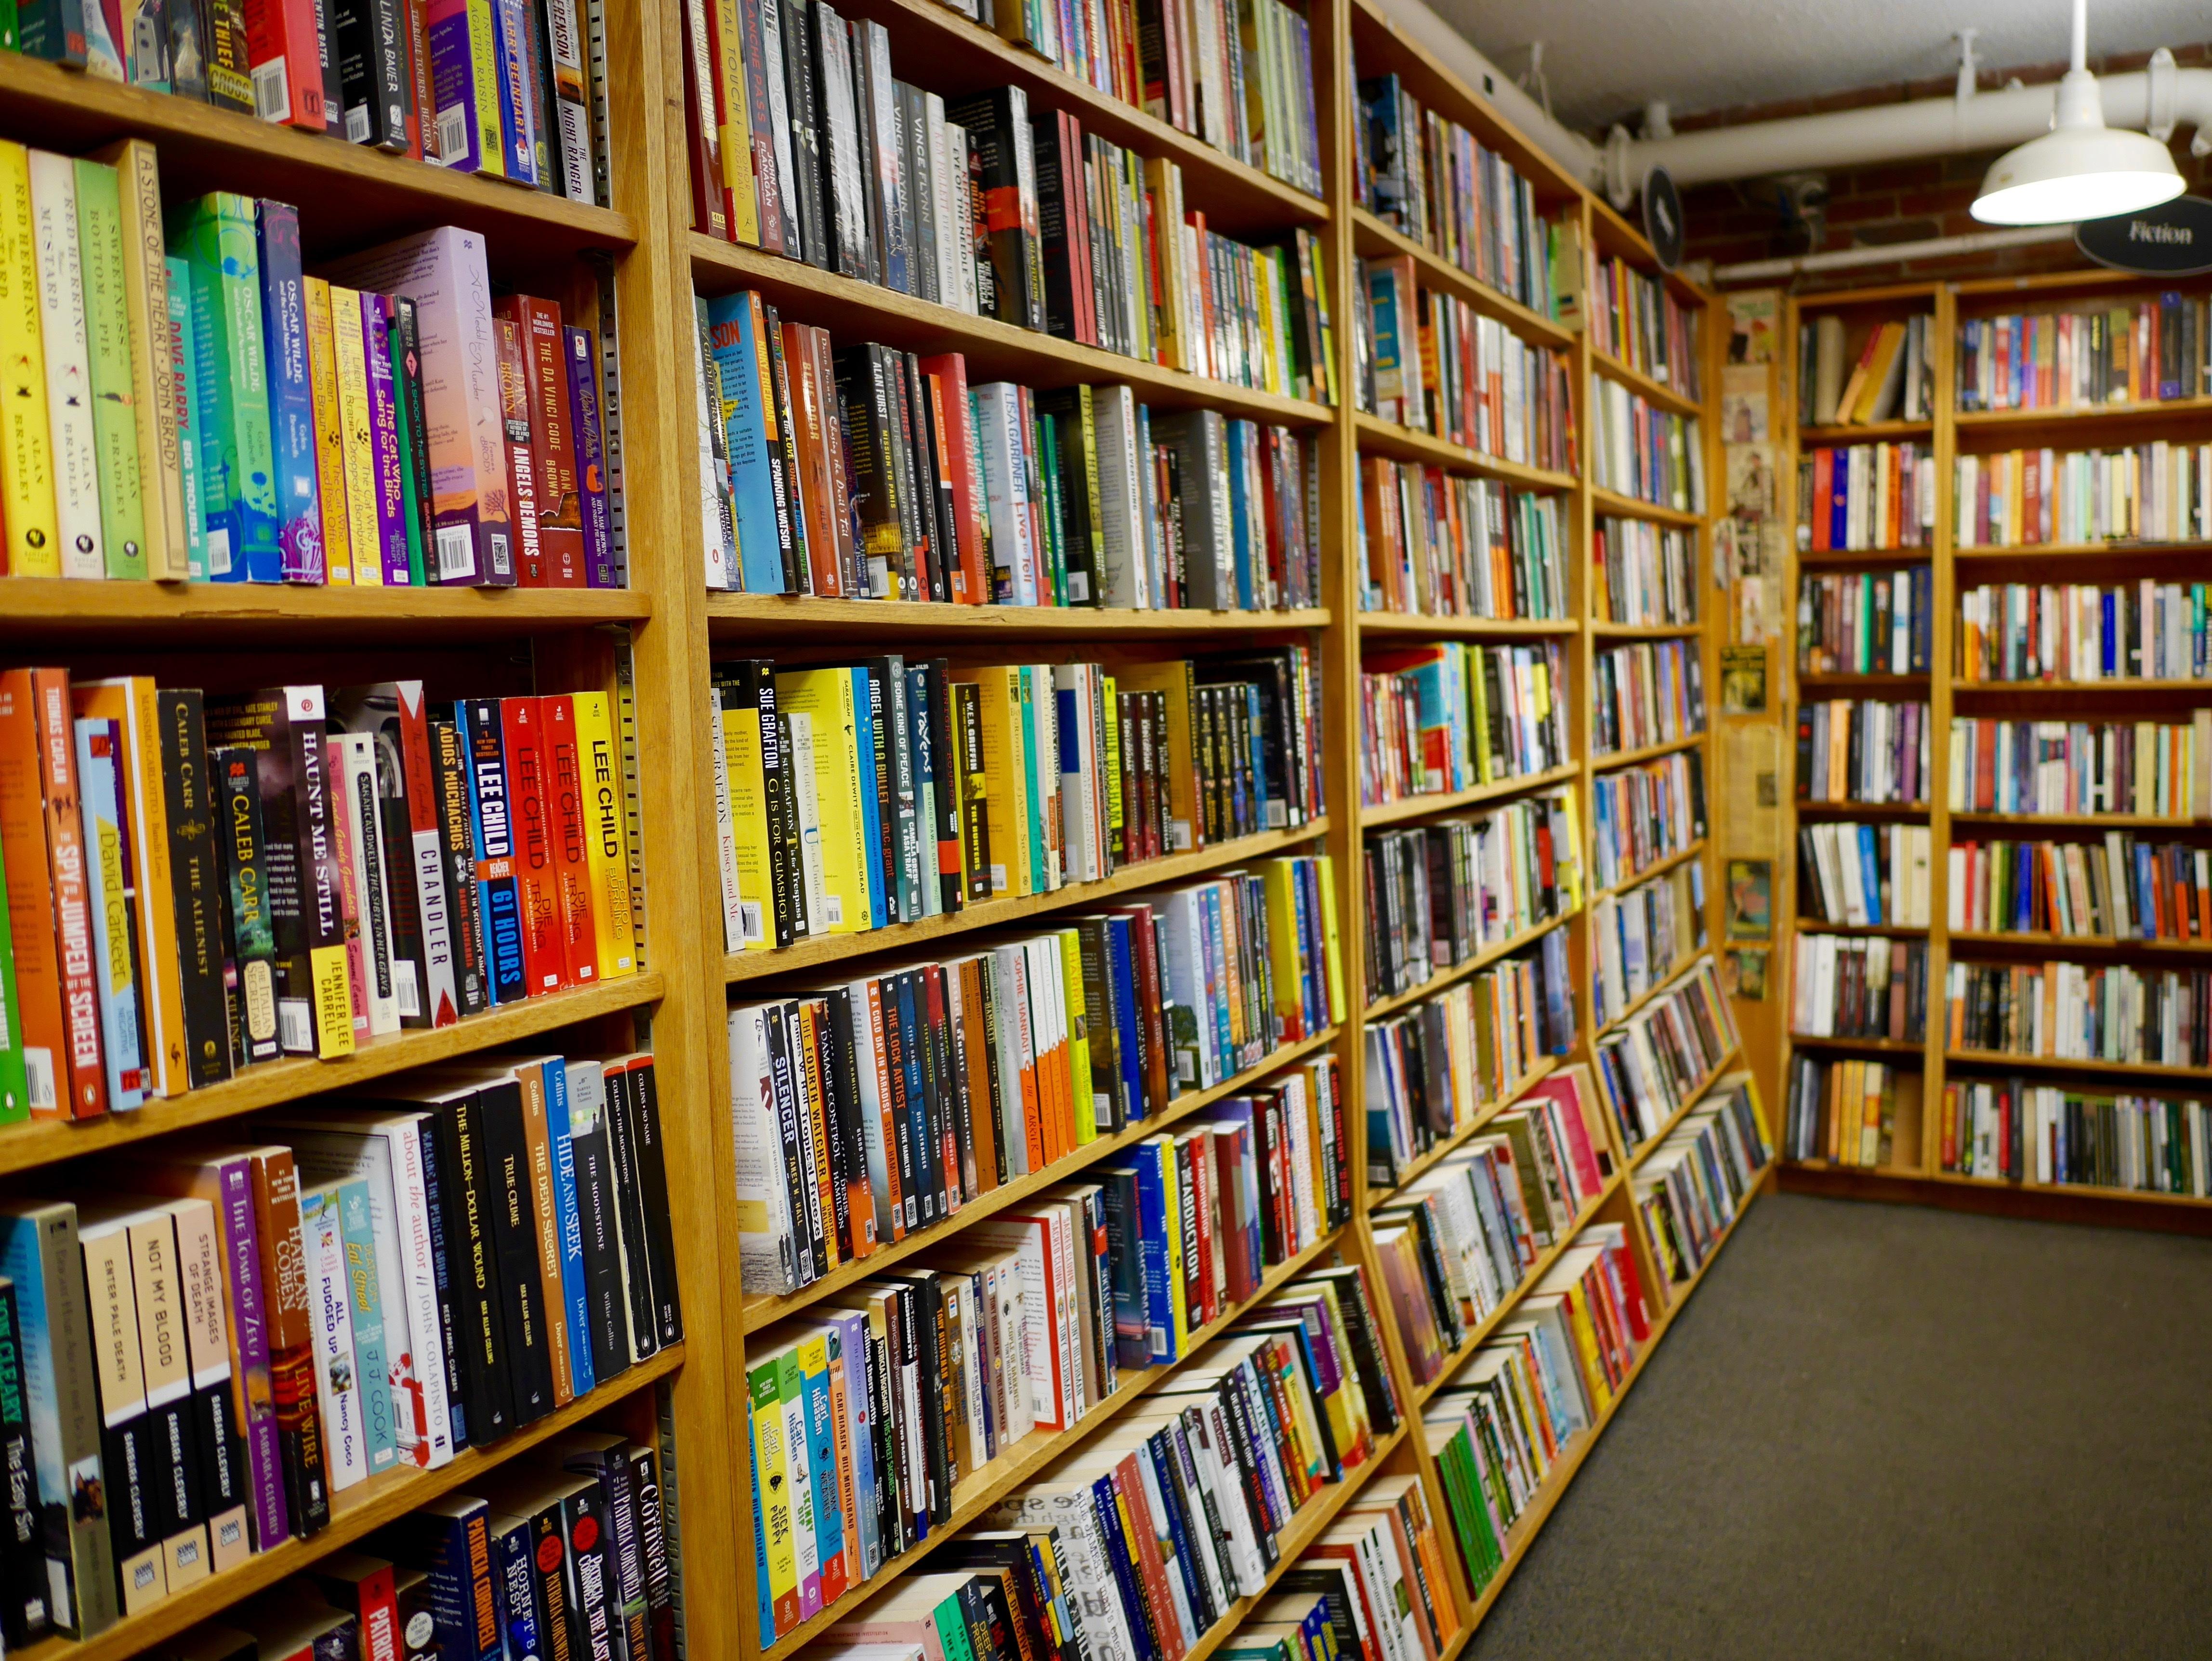 images gratuites livre b timent biblioth que bibliotheque publique librairie 4592x3448. Black Bedroom Furniture Sets. Home Design Ideas